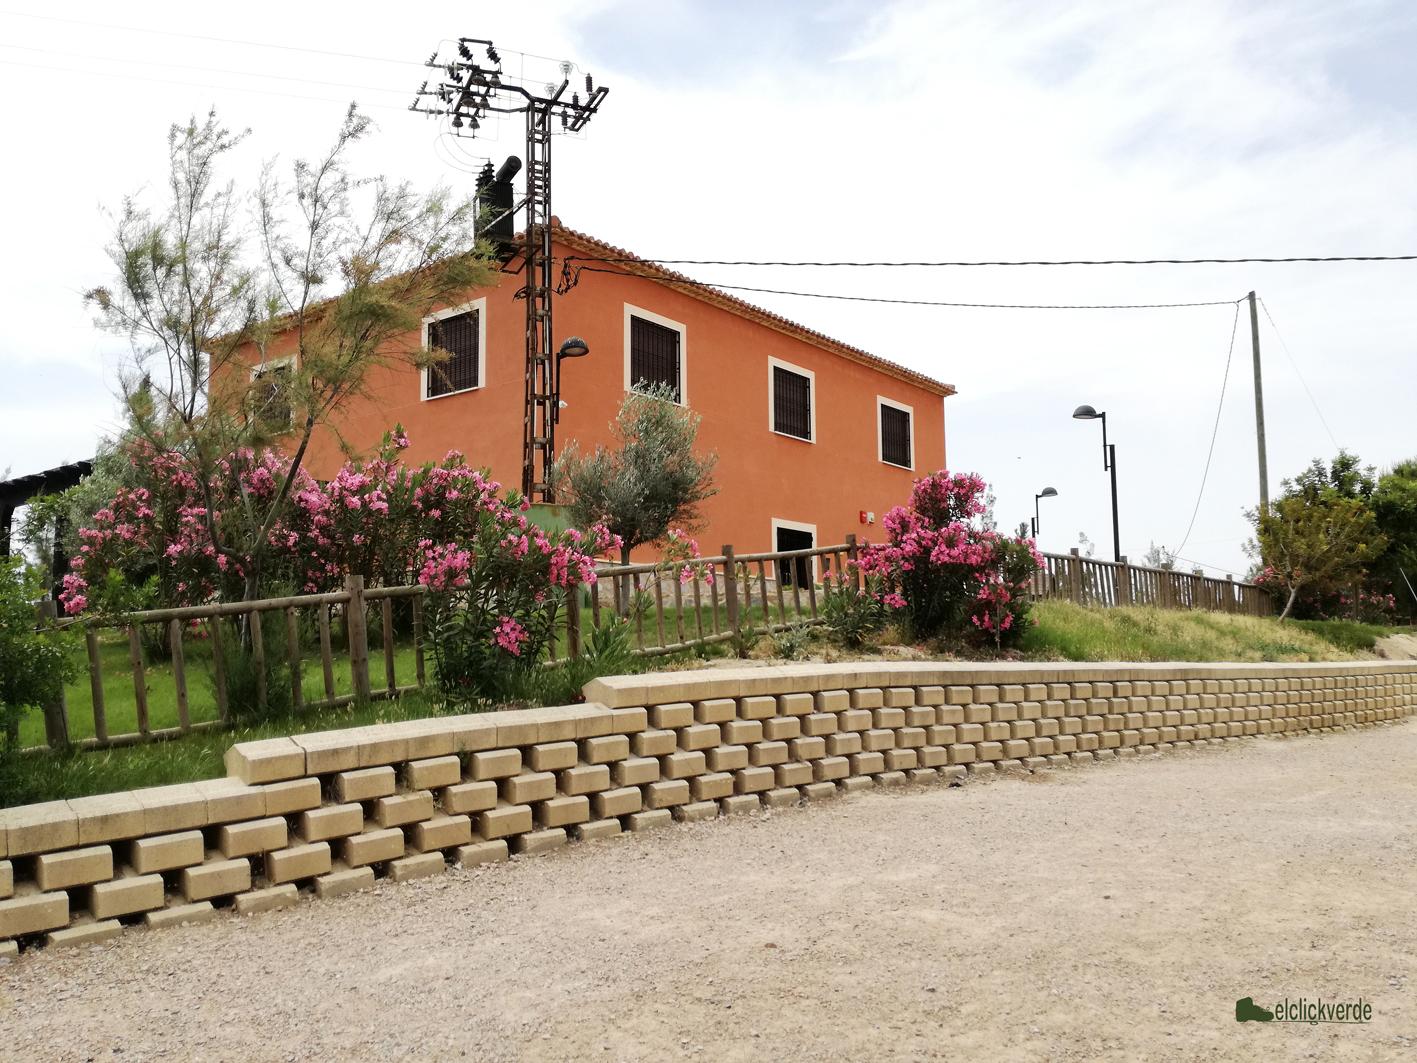 Centro de visitantes de La Contraparada